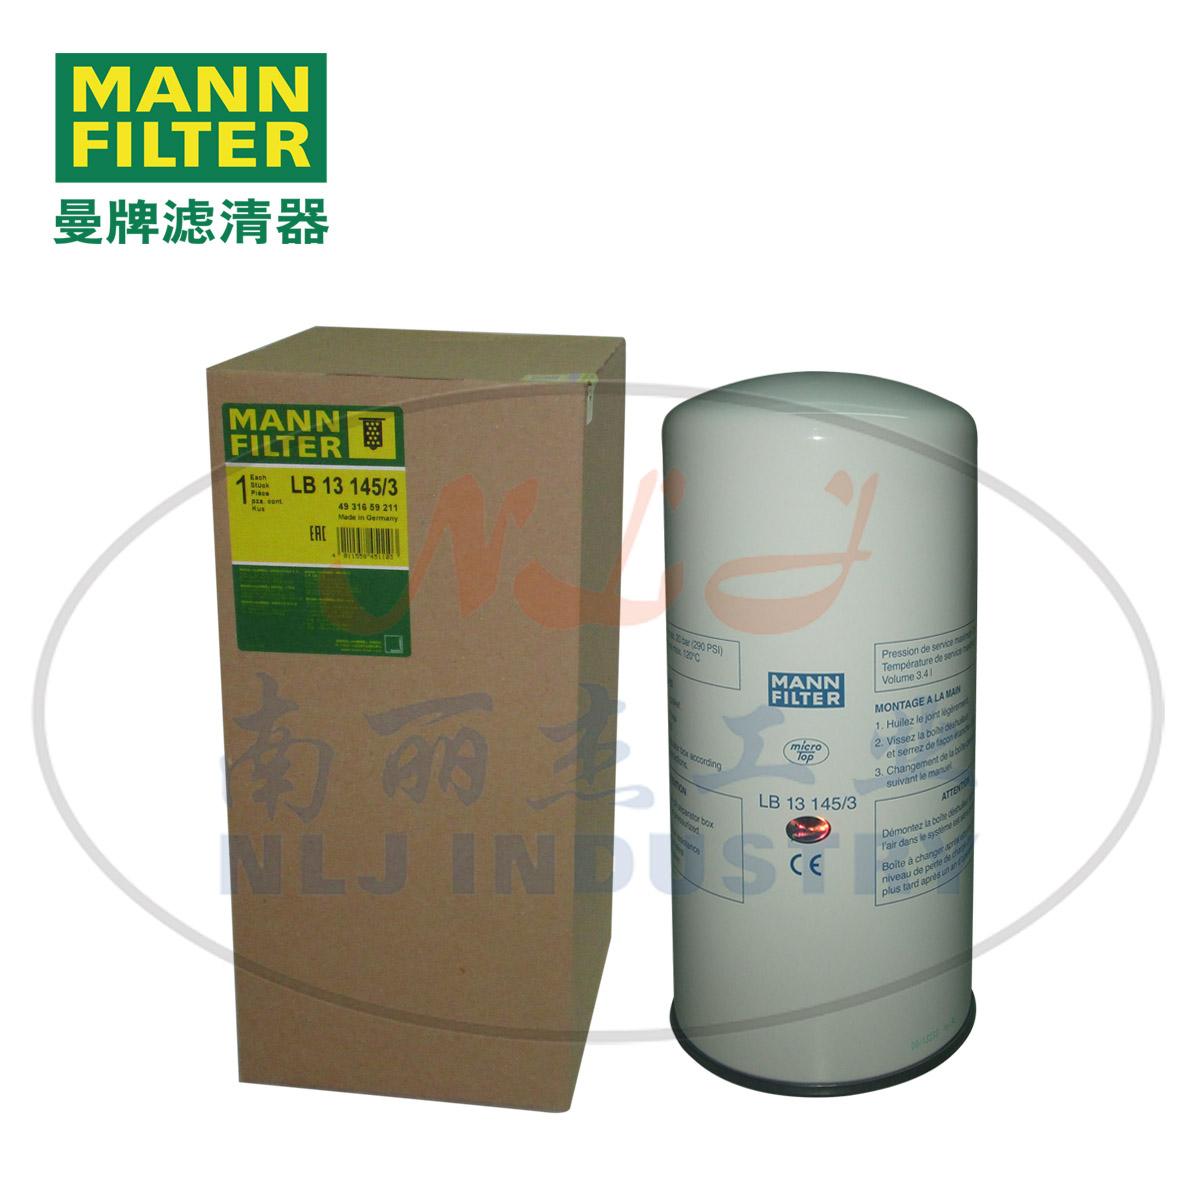 MANN-FILTER(曼牌滤清器)油分芯LB13145/3